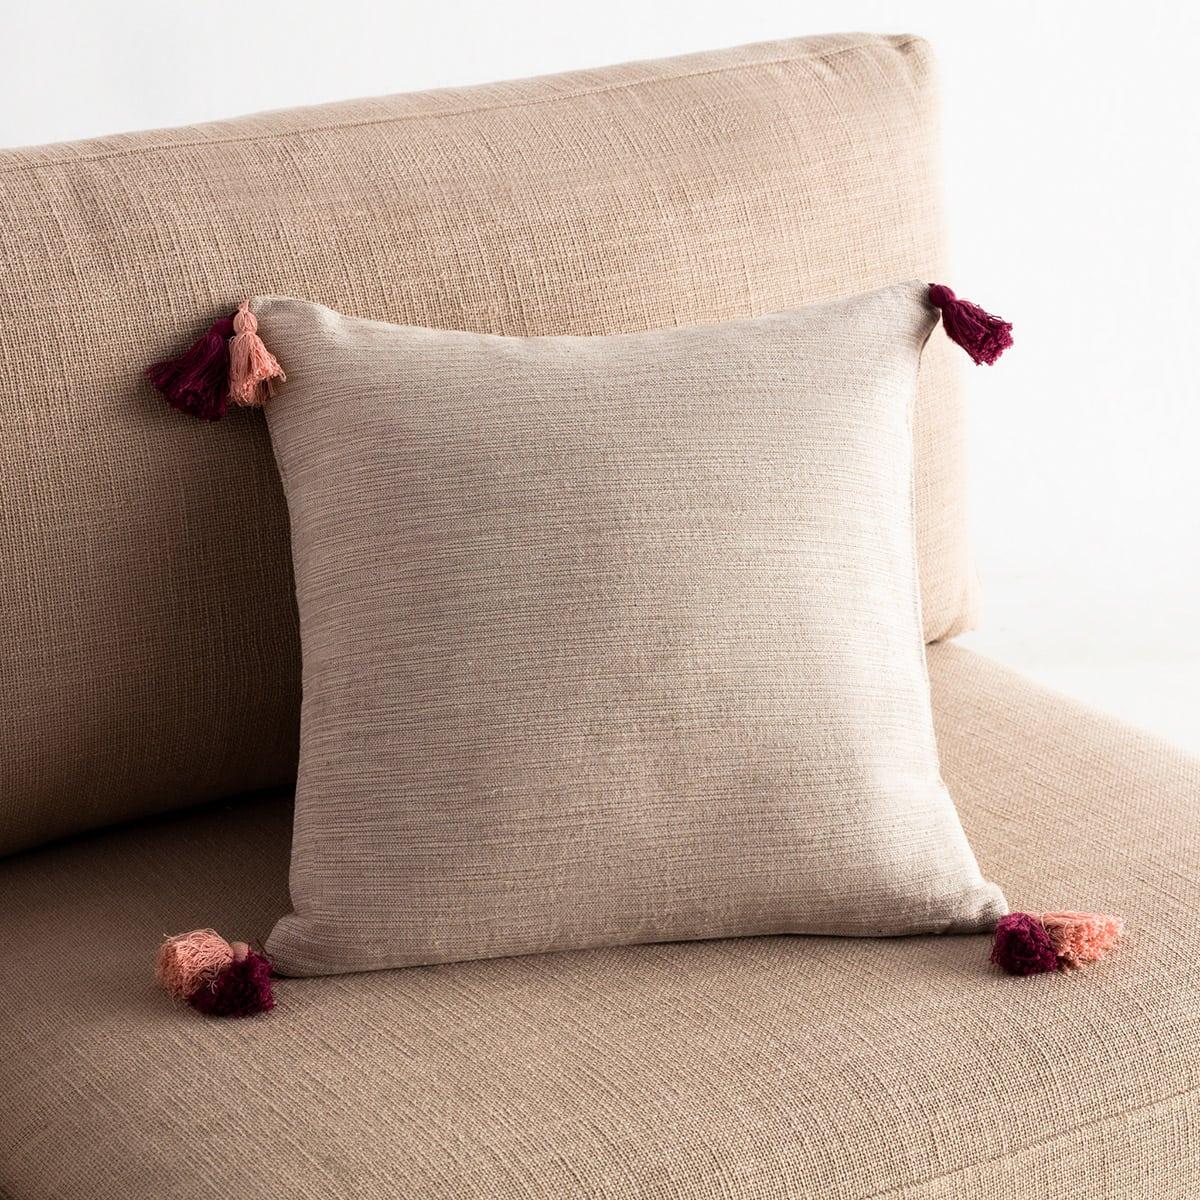 Μαξιλαροθήκη Διακοσμητική Trace 467/02 Red Leather-Somon Gofis Home 45X45 100% Βαμβάκι